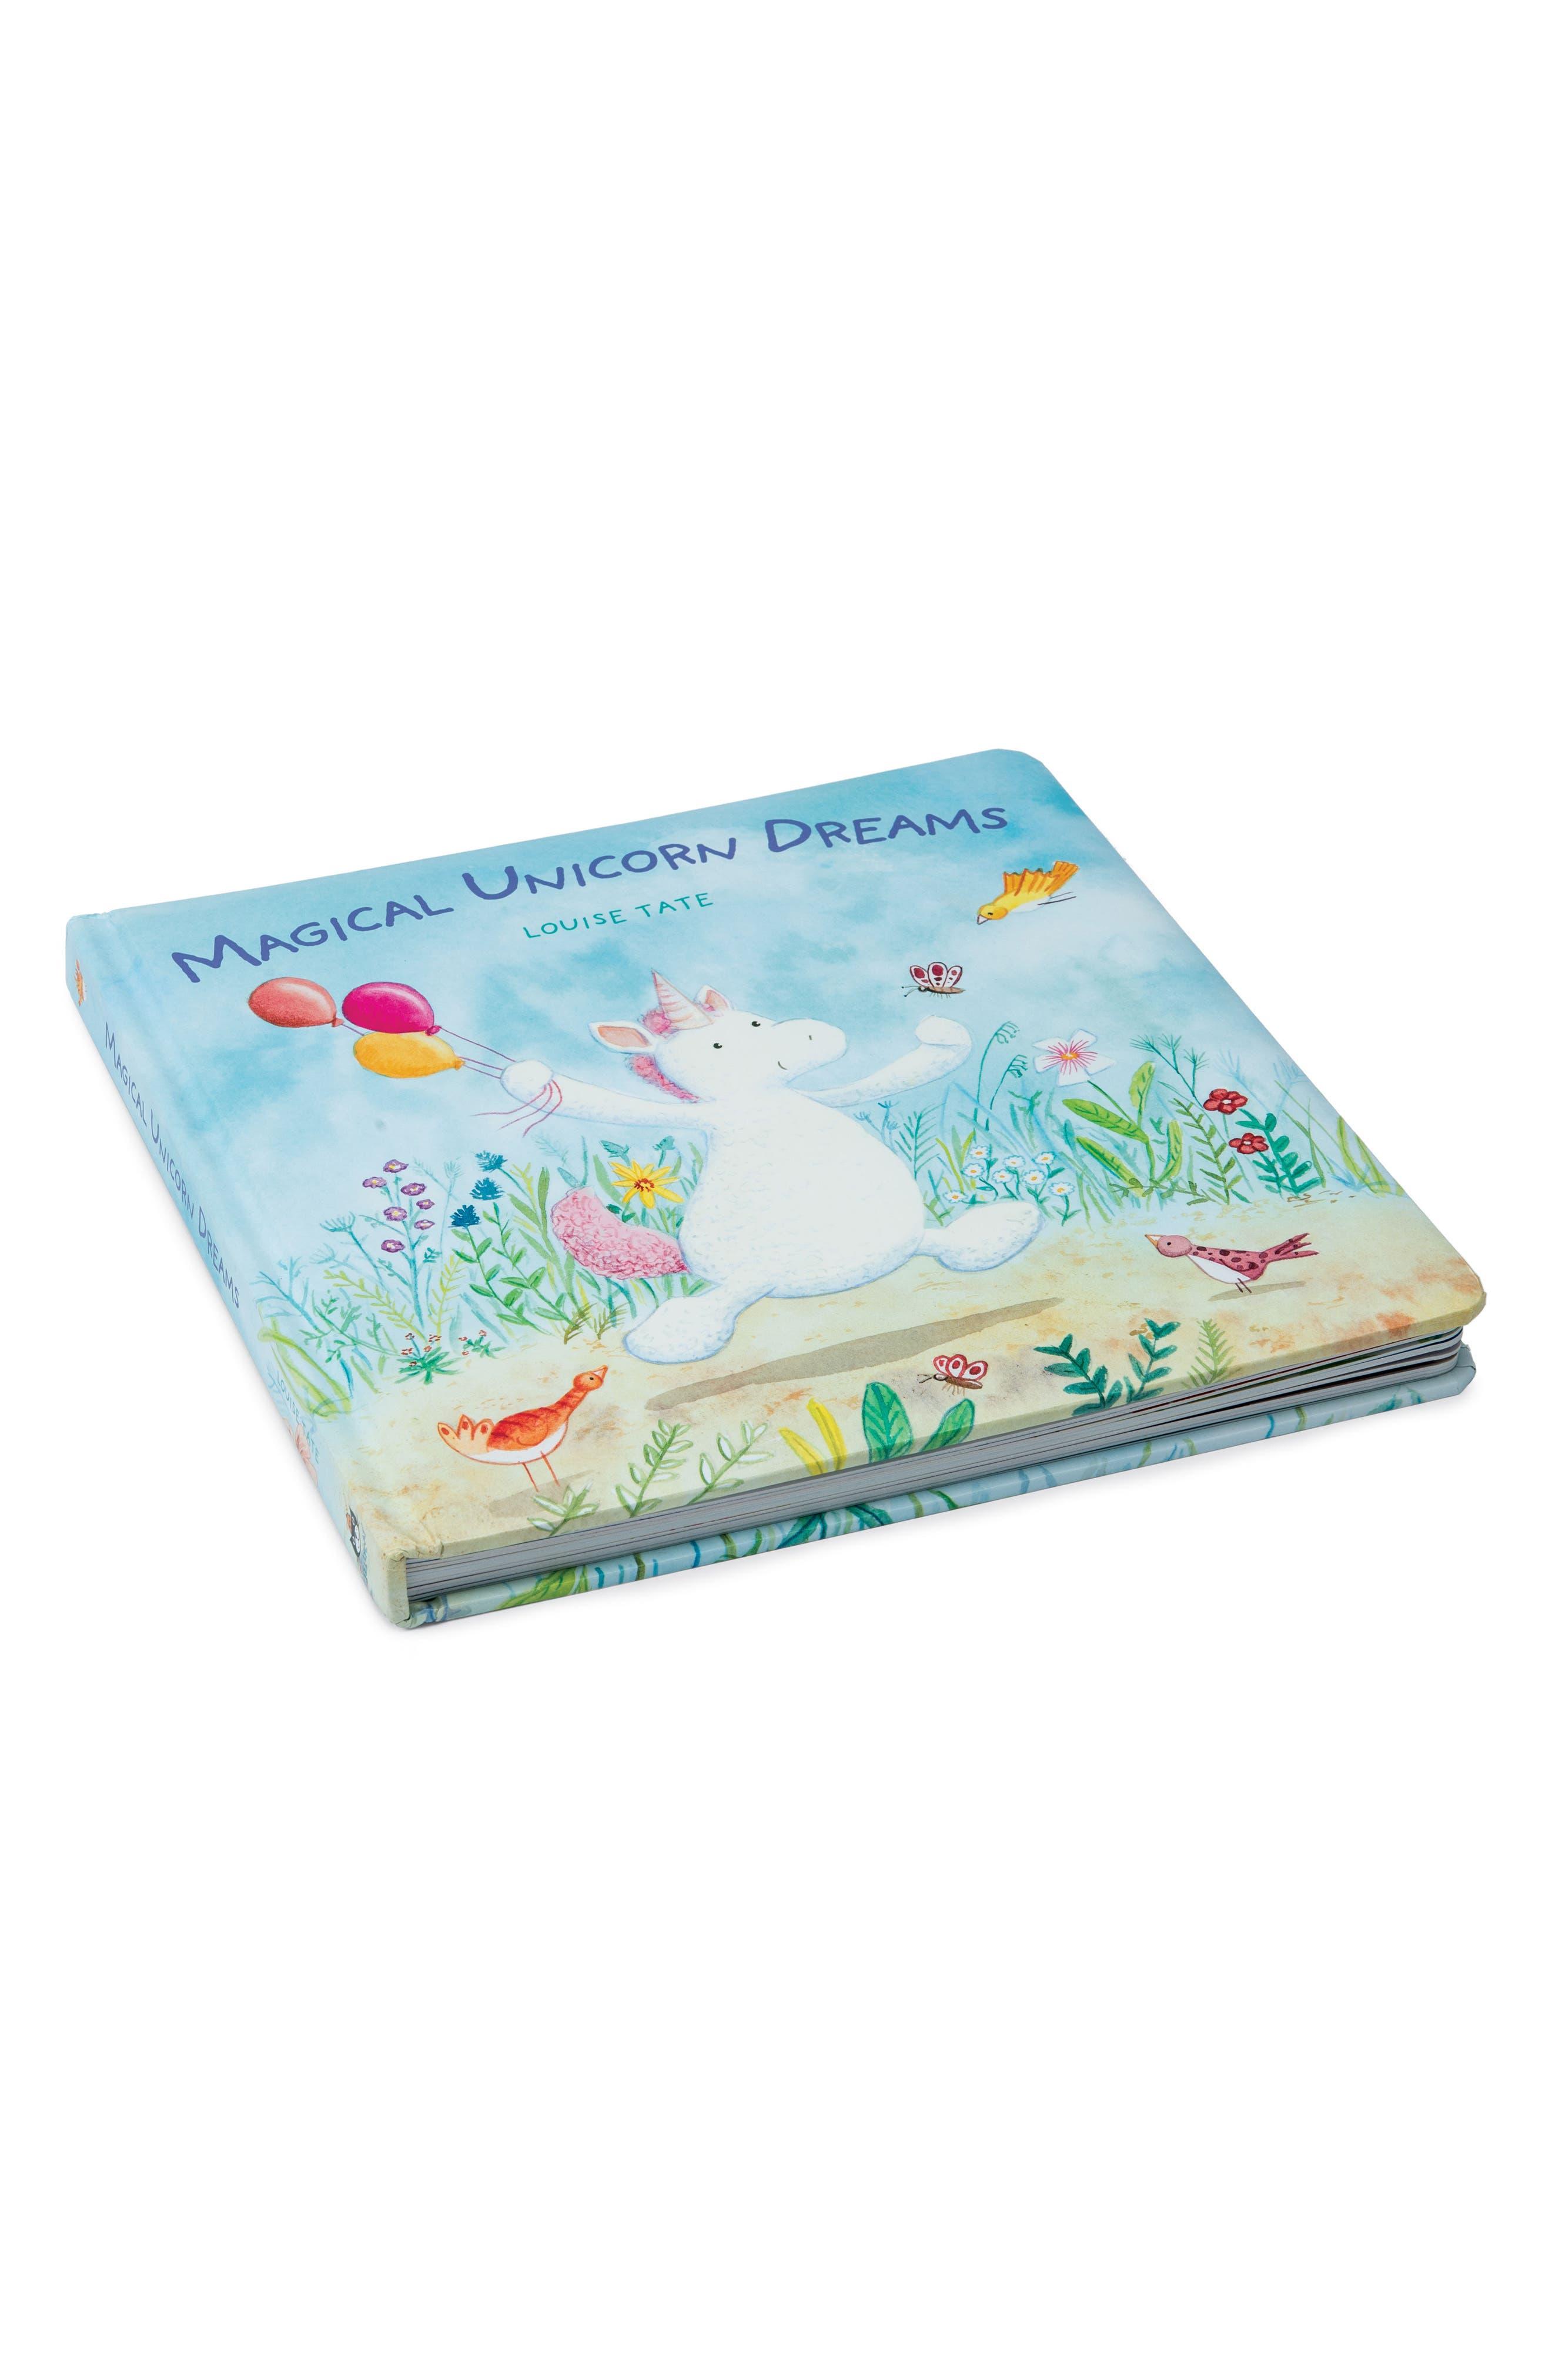 Unicorn Dreams Board Book Size One Size  White